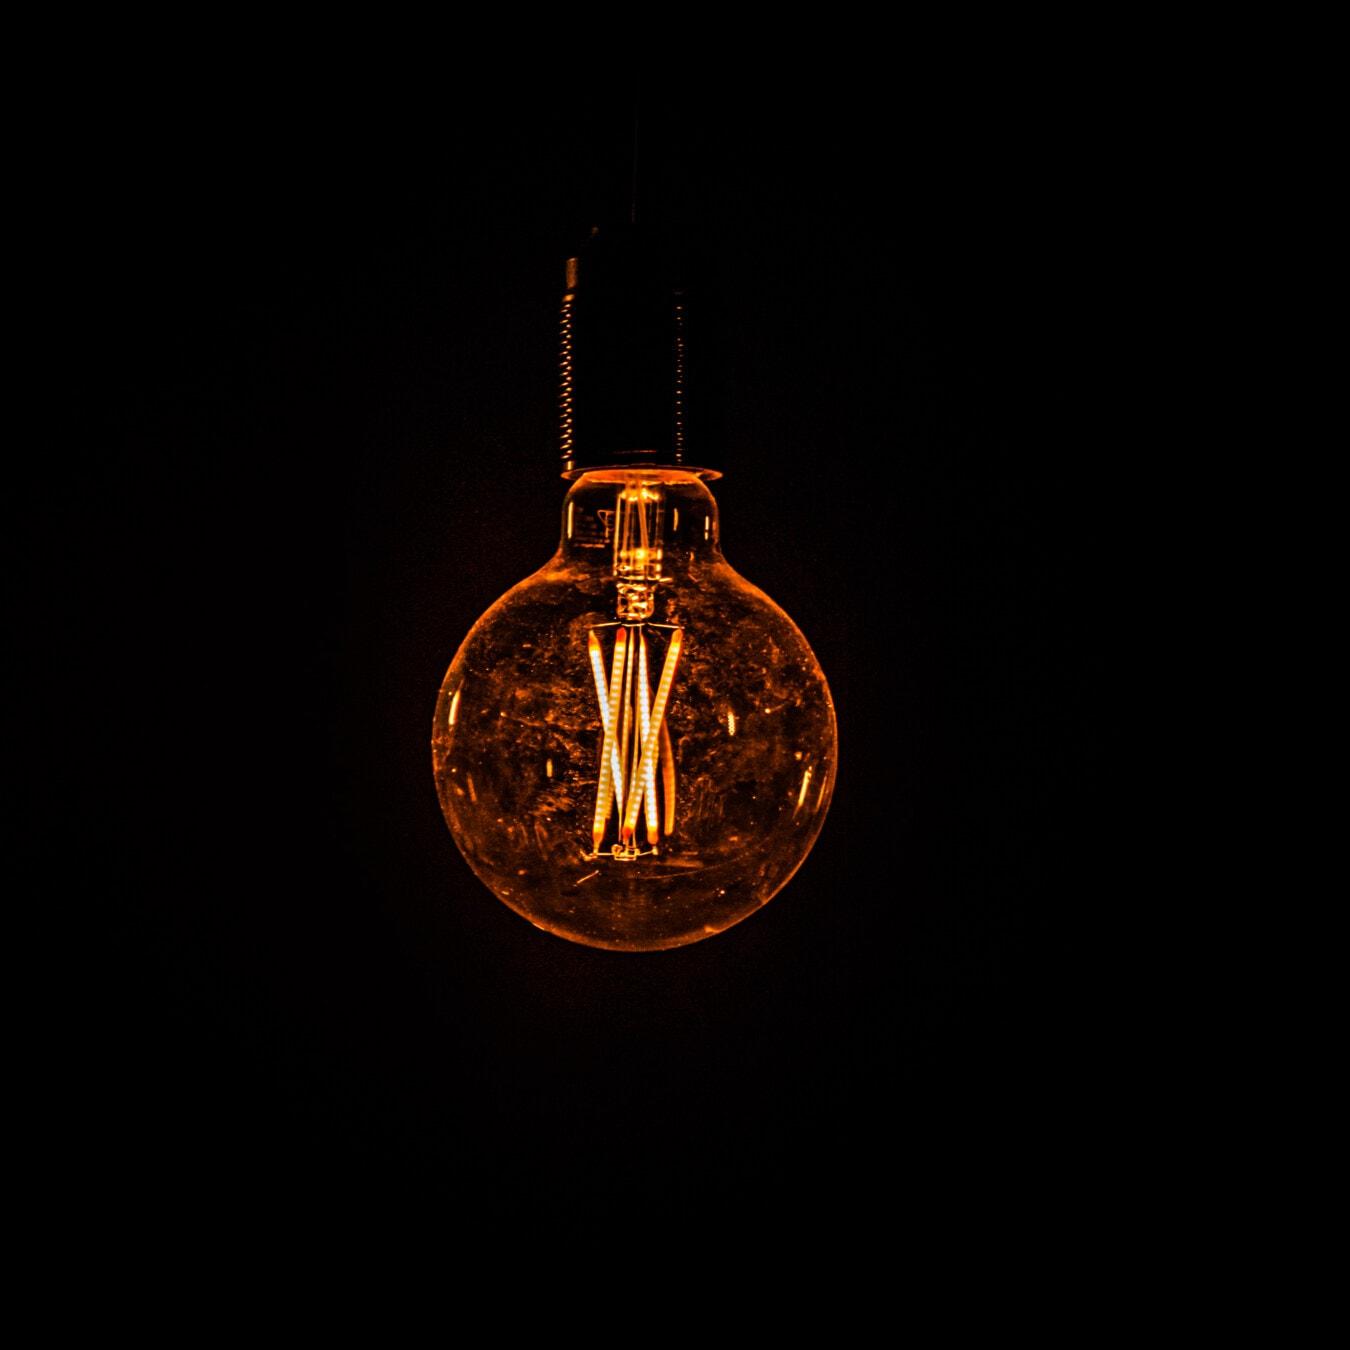 バック グラウンド, ブラック, 電球, 歴史的です, 光, オレンジ黄色, 電球, ランプ, メカニズム, 照らされました。